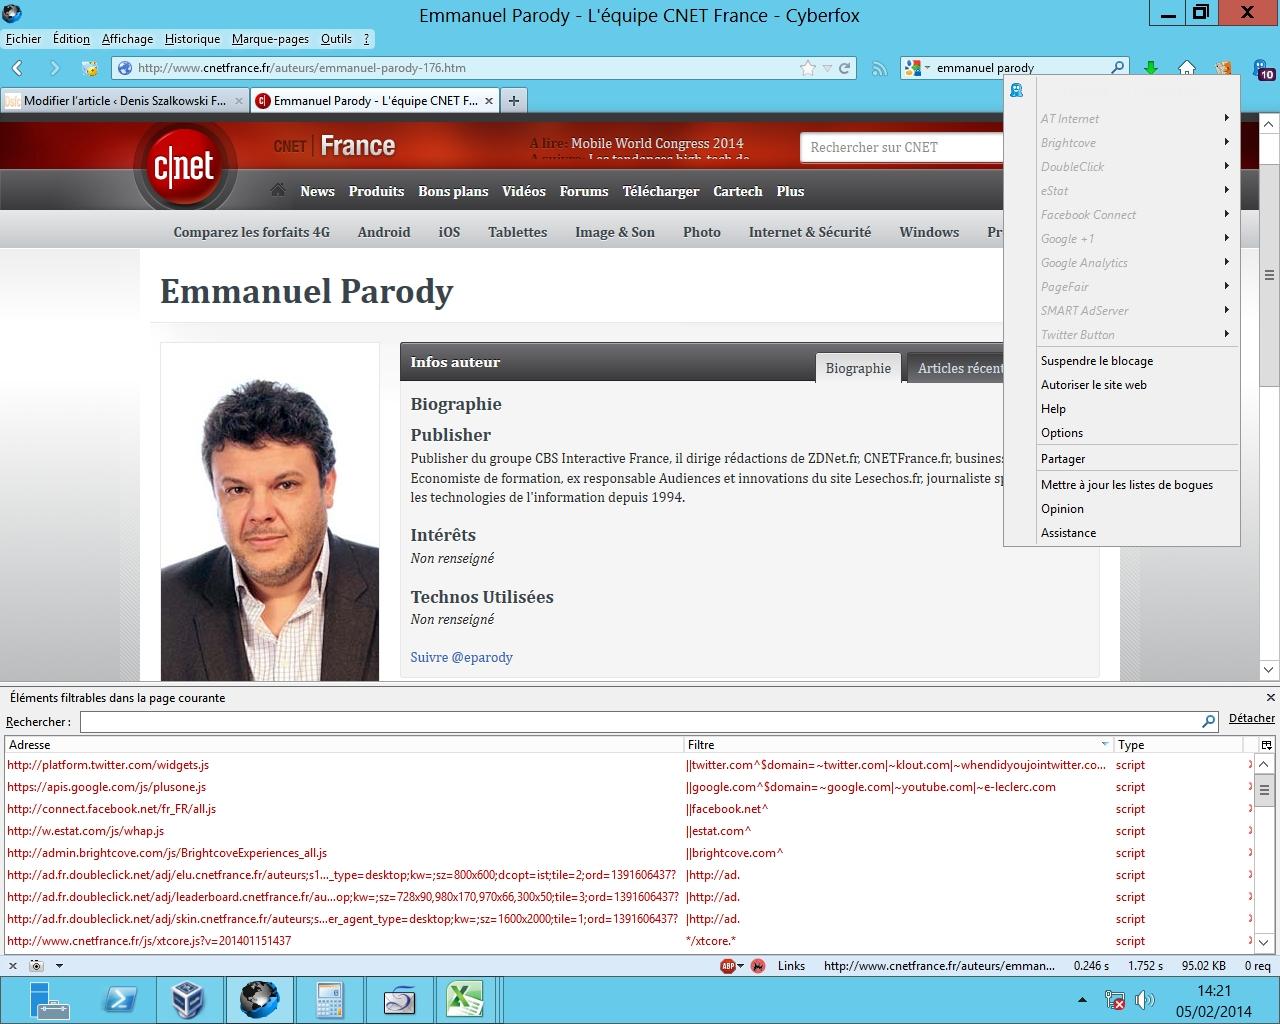 La page d'Emmanuel Parody sur CNET France